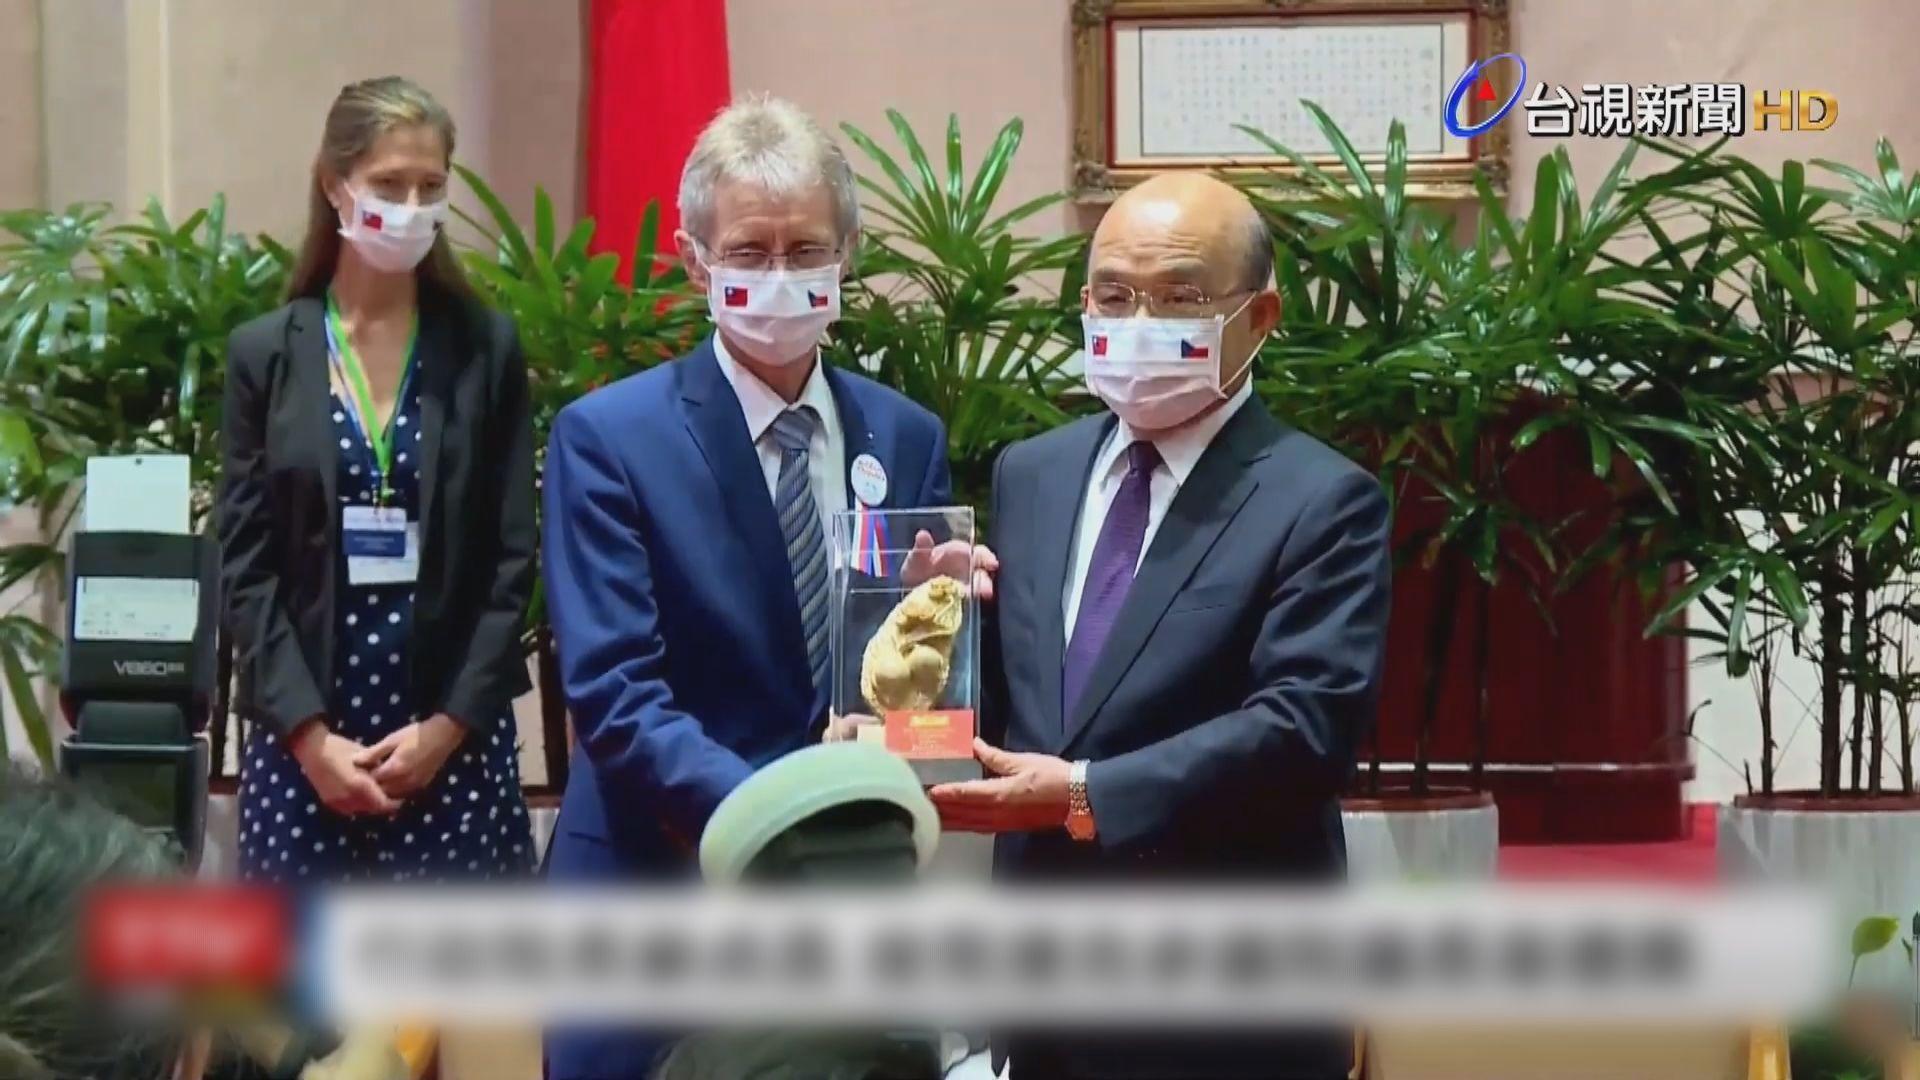 捷克參議院議長維斯特奇爾晤蘇貞昌 北京強烈譴責